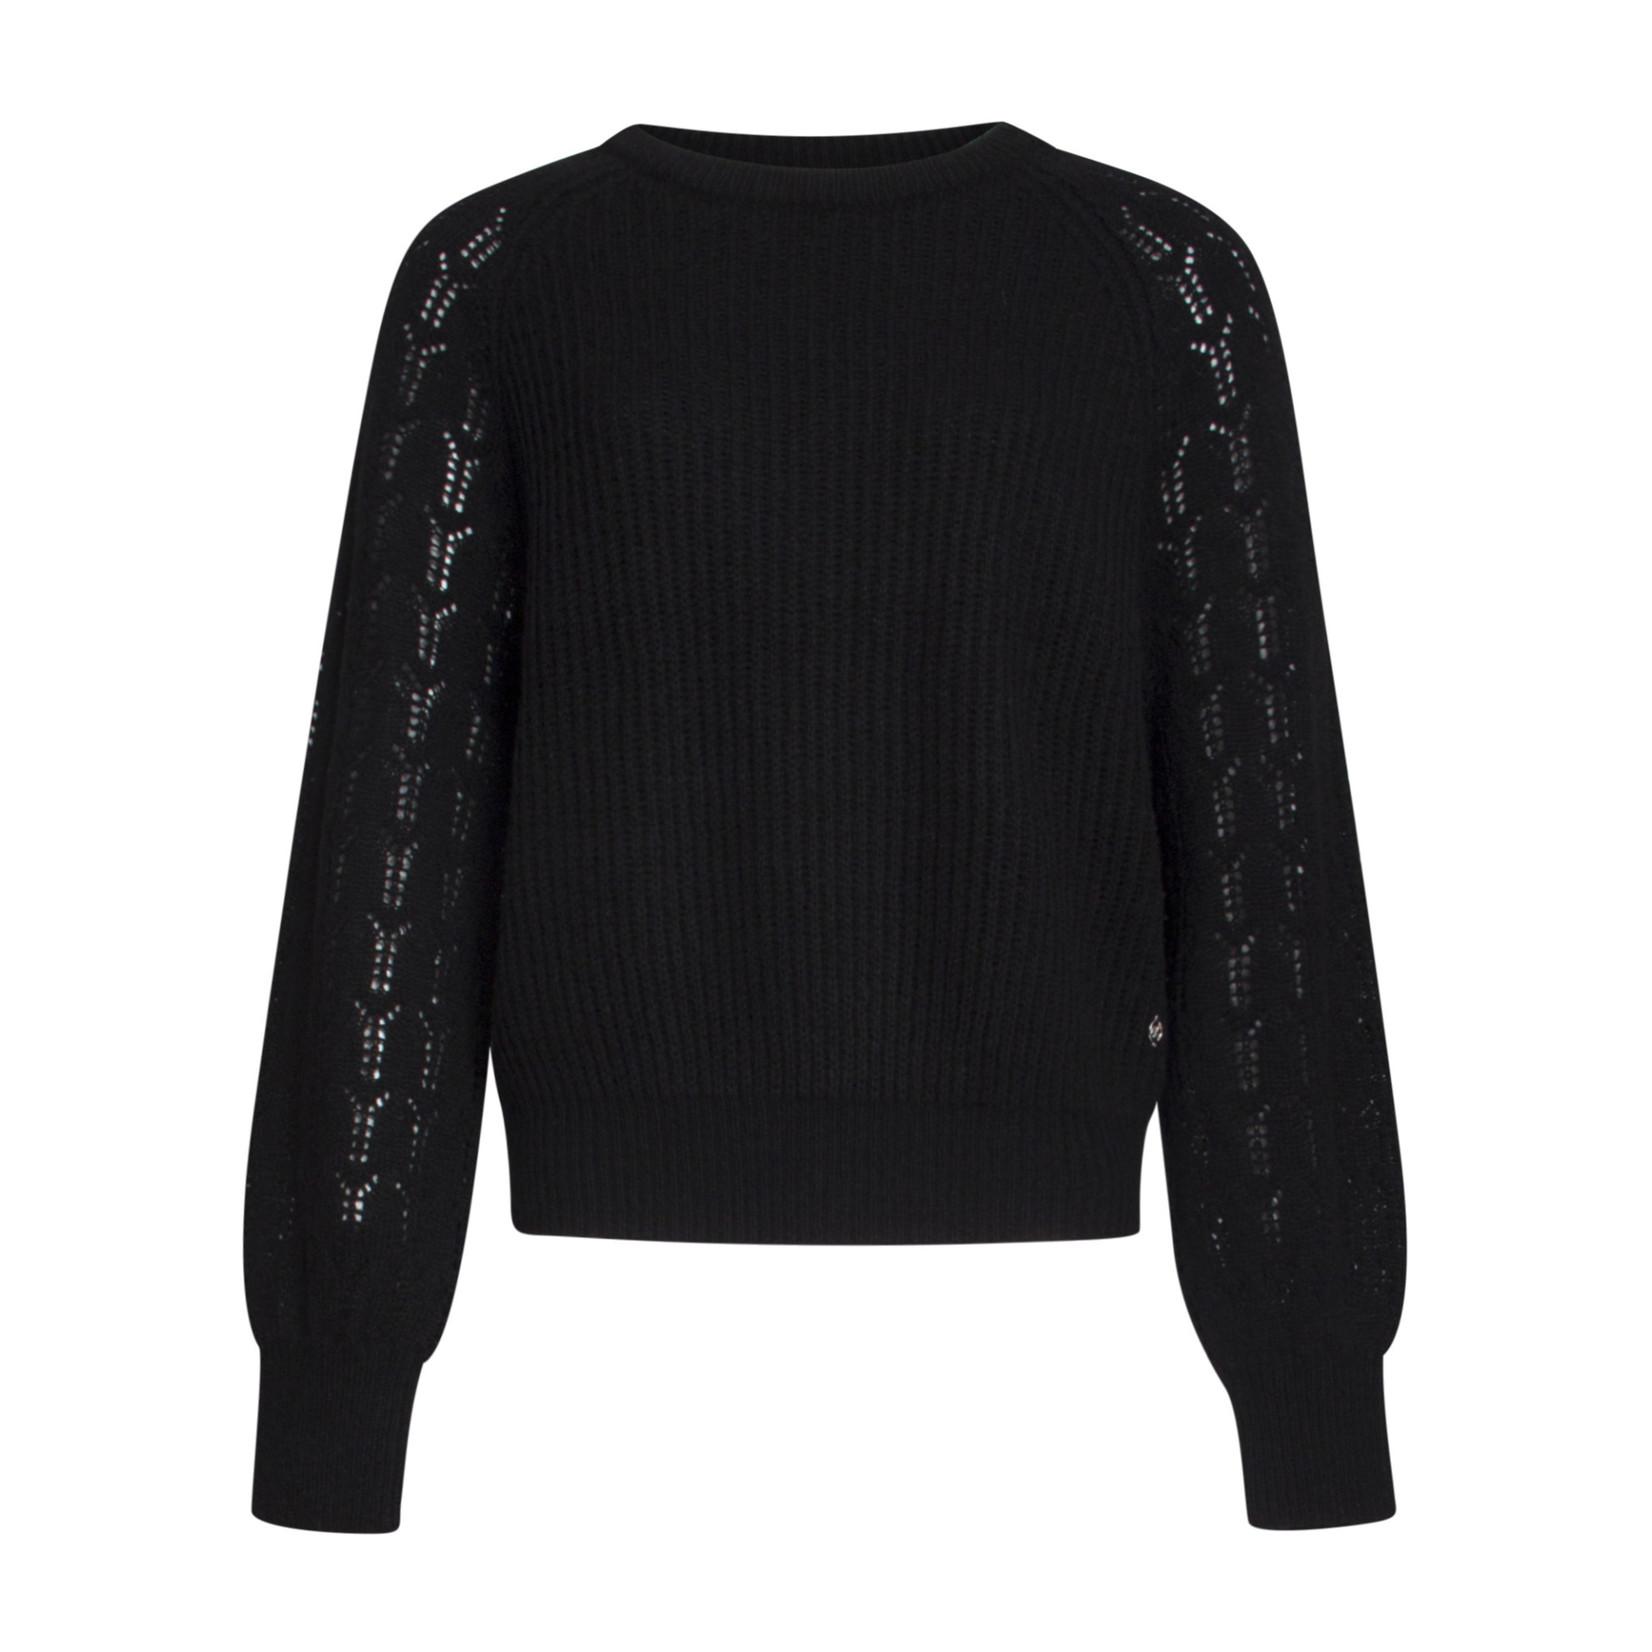 Smashed Lemon Smashed Lemon Sweater Black 21690